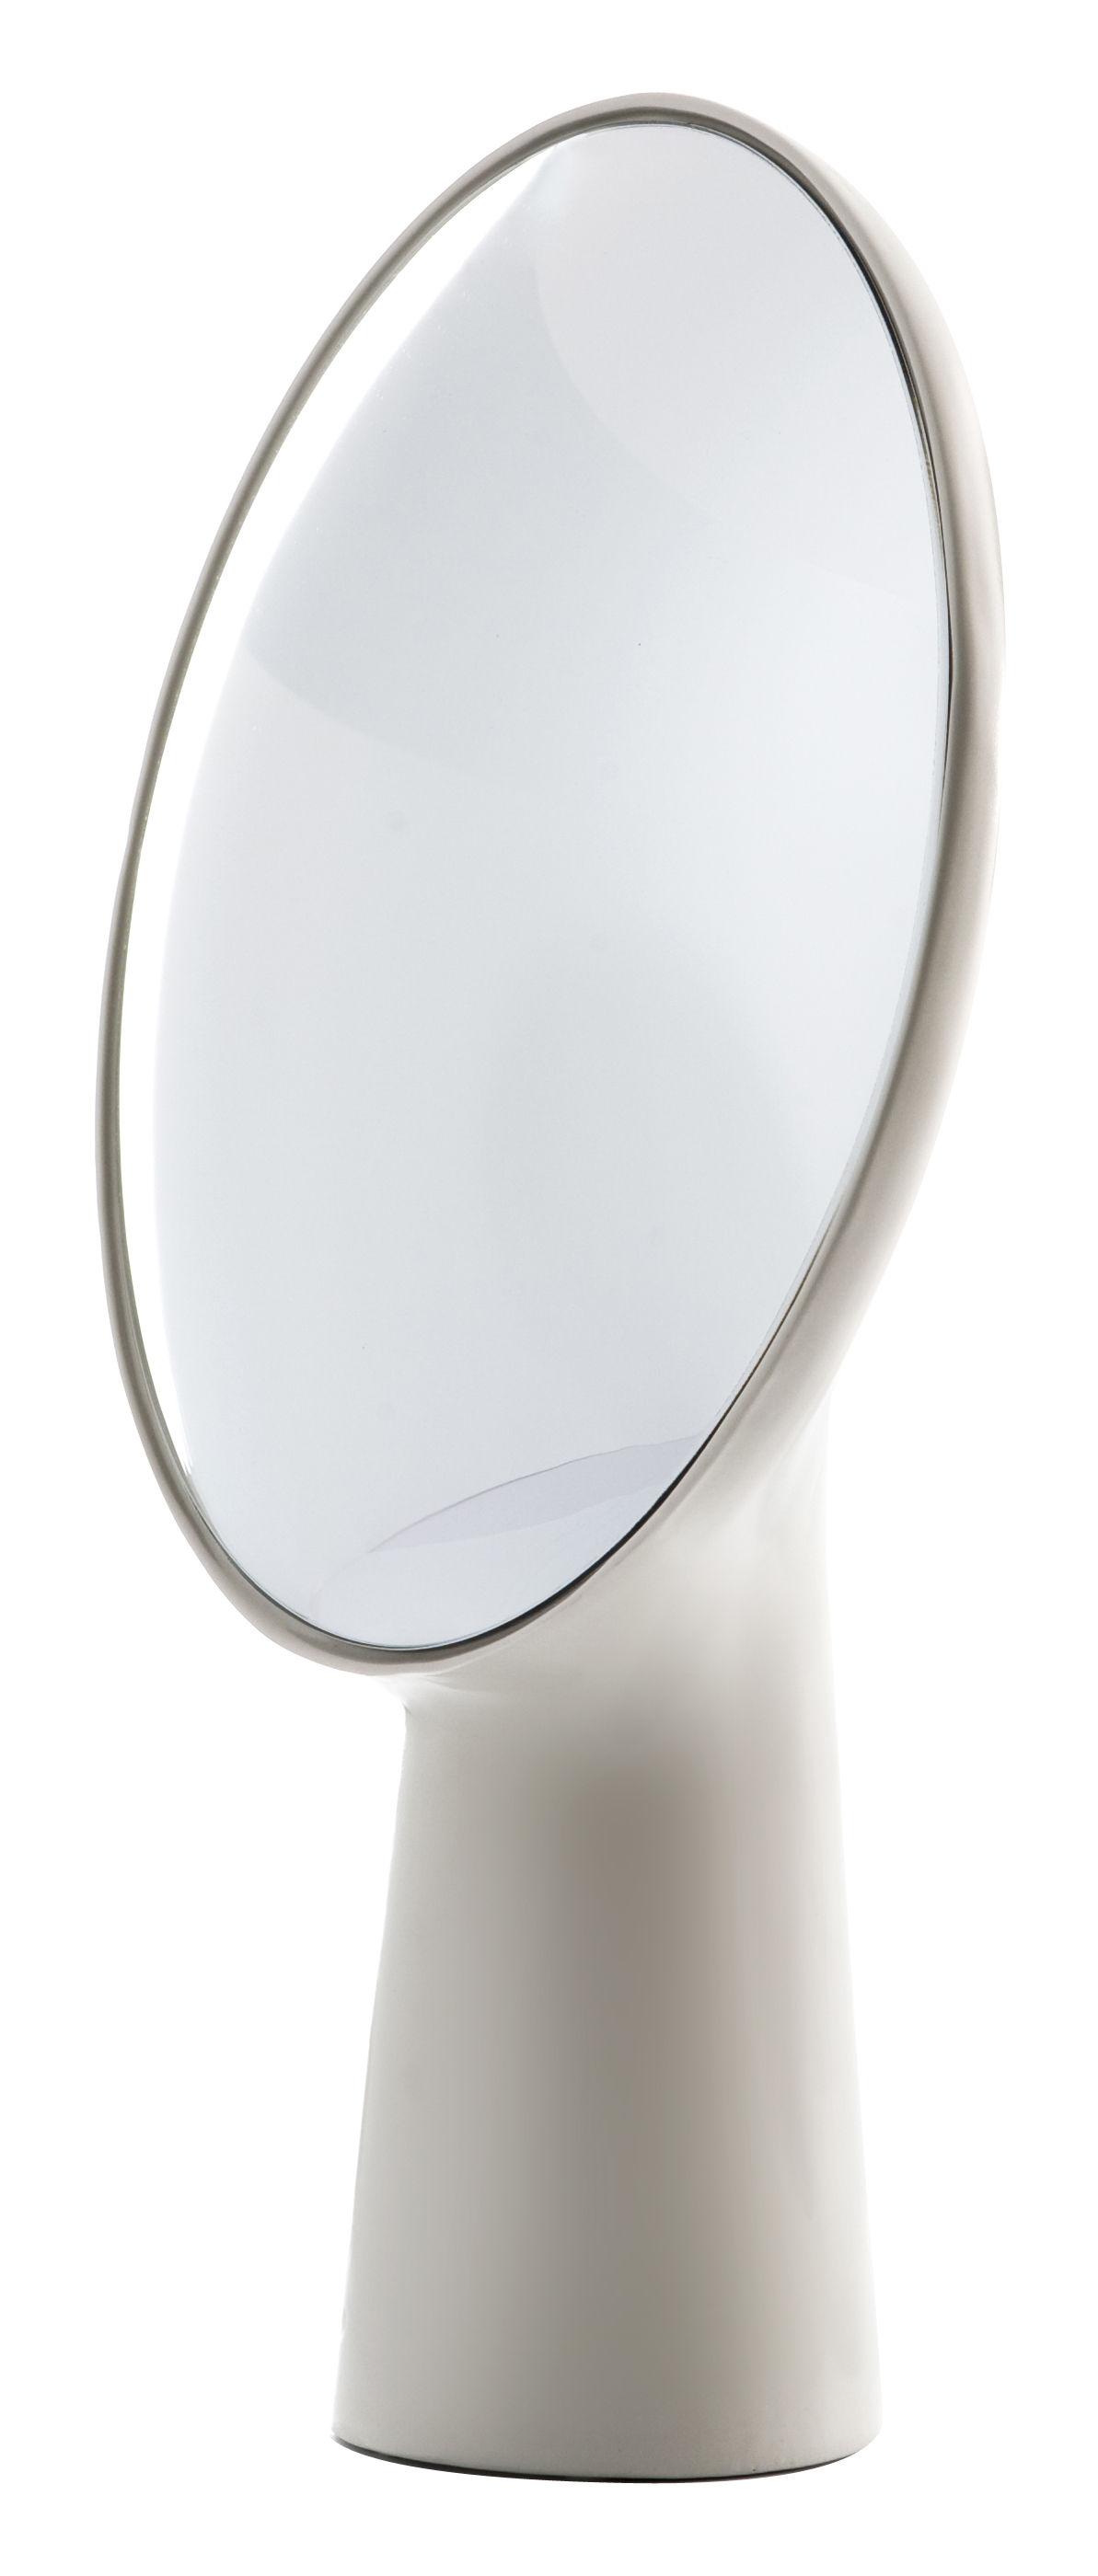 Arredamento - Specchi - Specchio da appoggiare Cyclope - da appoggio - H 46,5 cm di Moustache - Écru - Terracotta smaltata